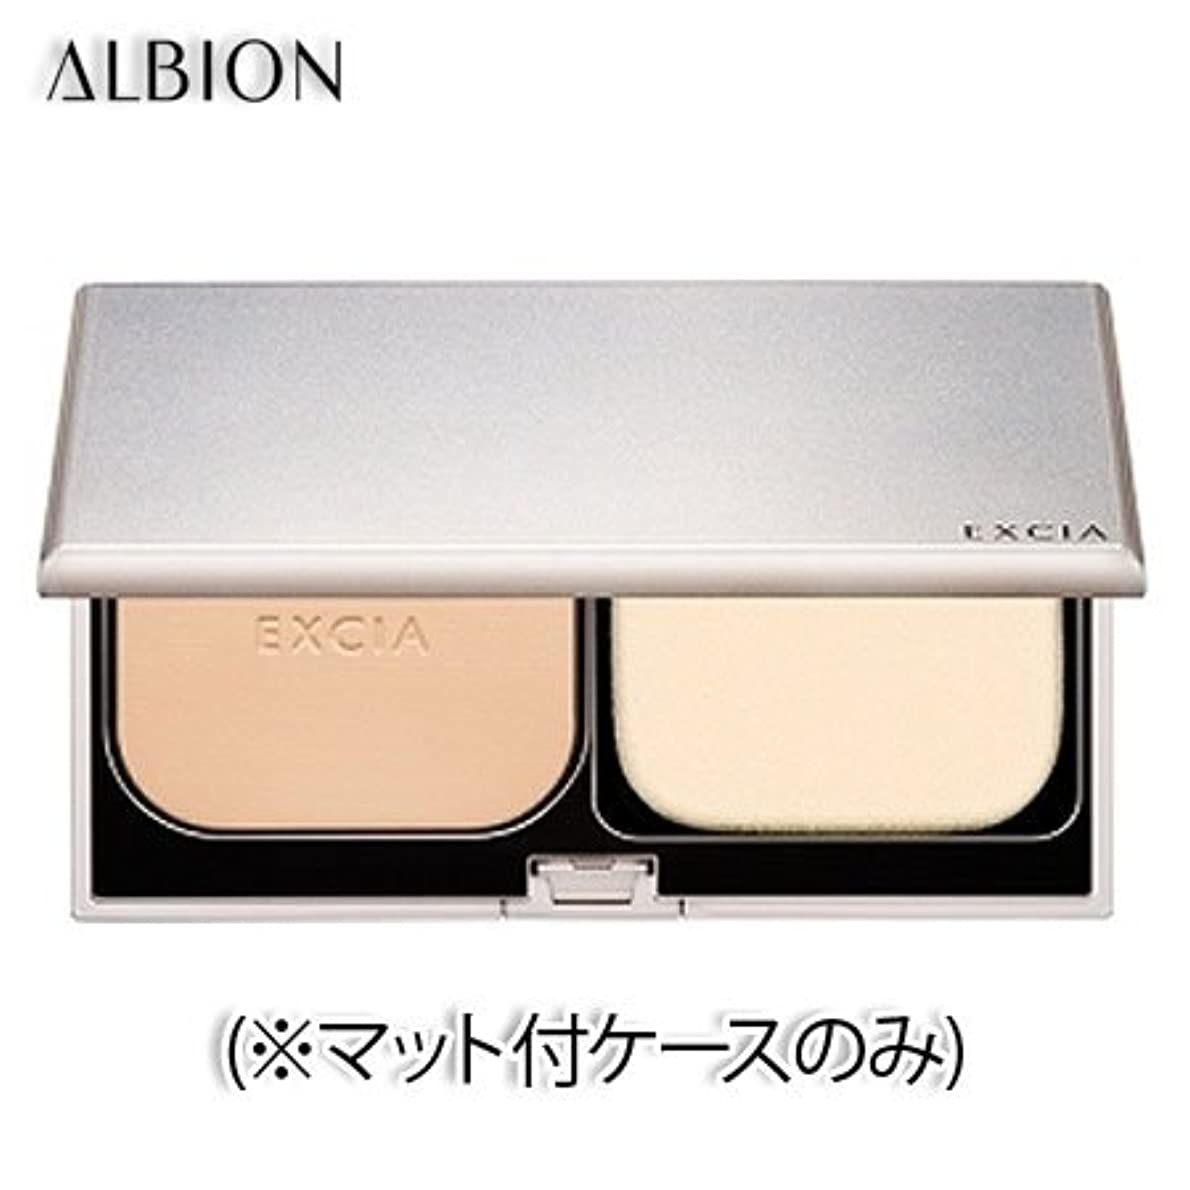 商人ストレスの多い派手アルビオン エクシア AL ホワイトプレミアムパウダー ファンデーション SPF30 PA+++ 11g 6色 (マット付ケースのみ) -ALBION-